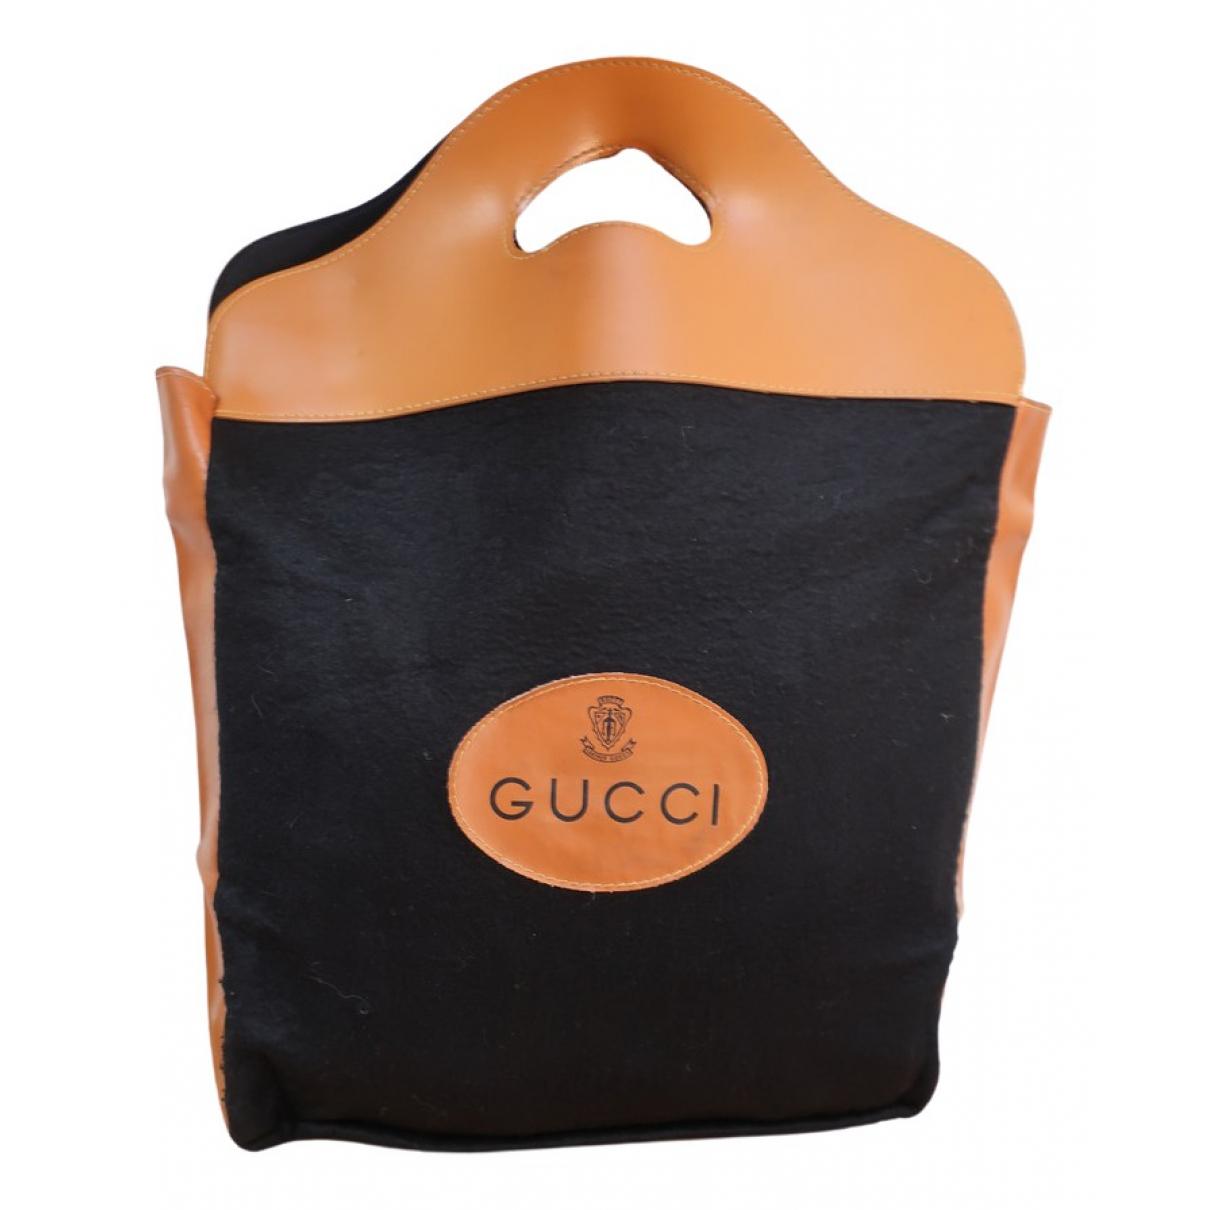 Gucci - Sac a main   pour femme en laine - beige